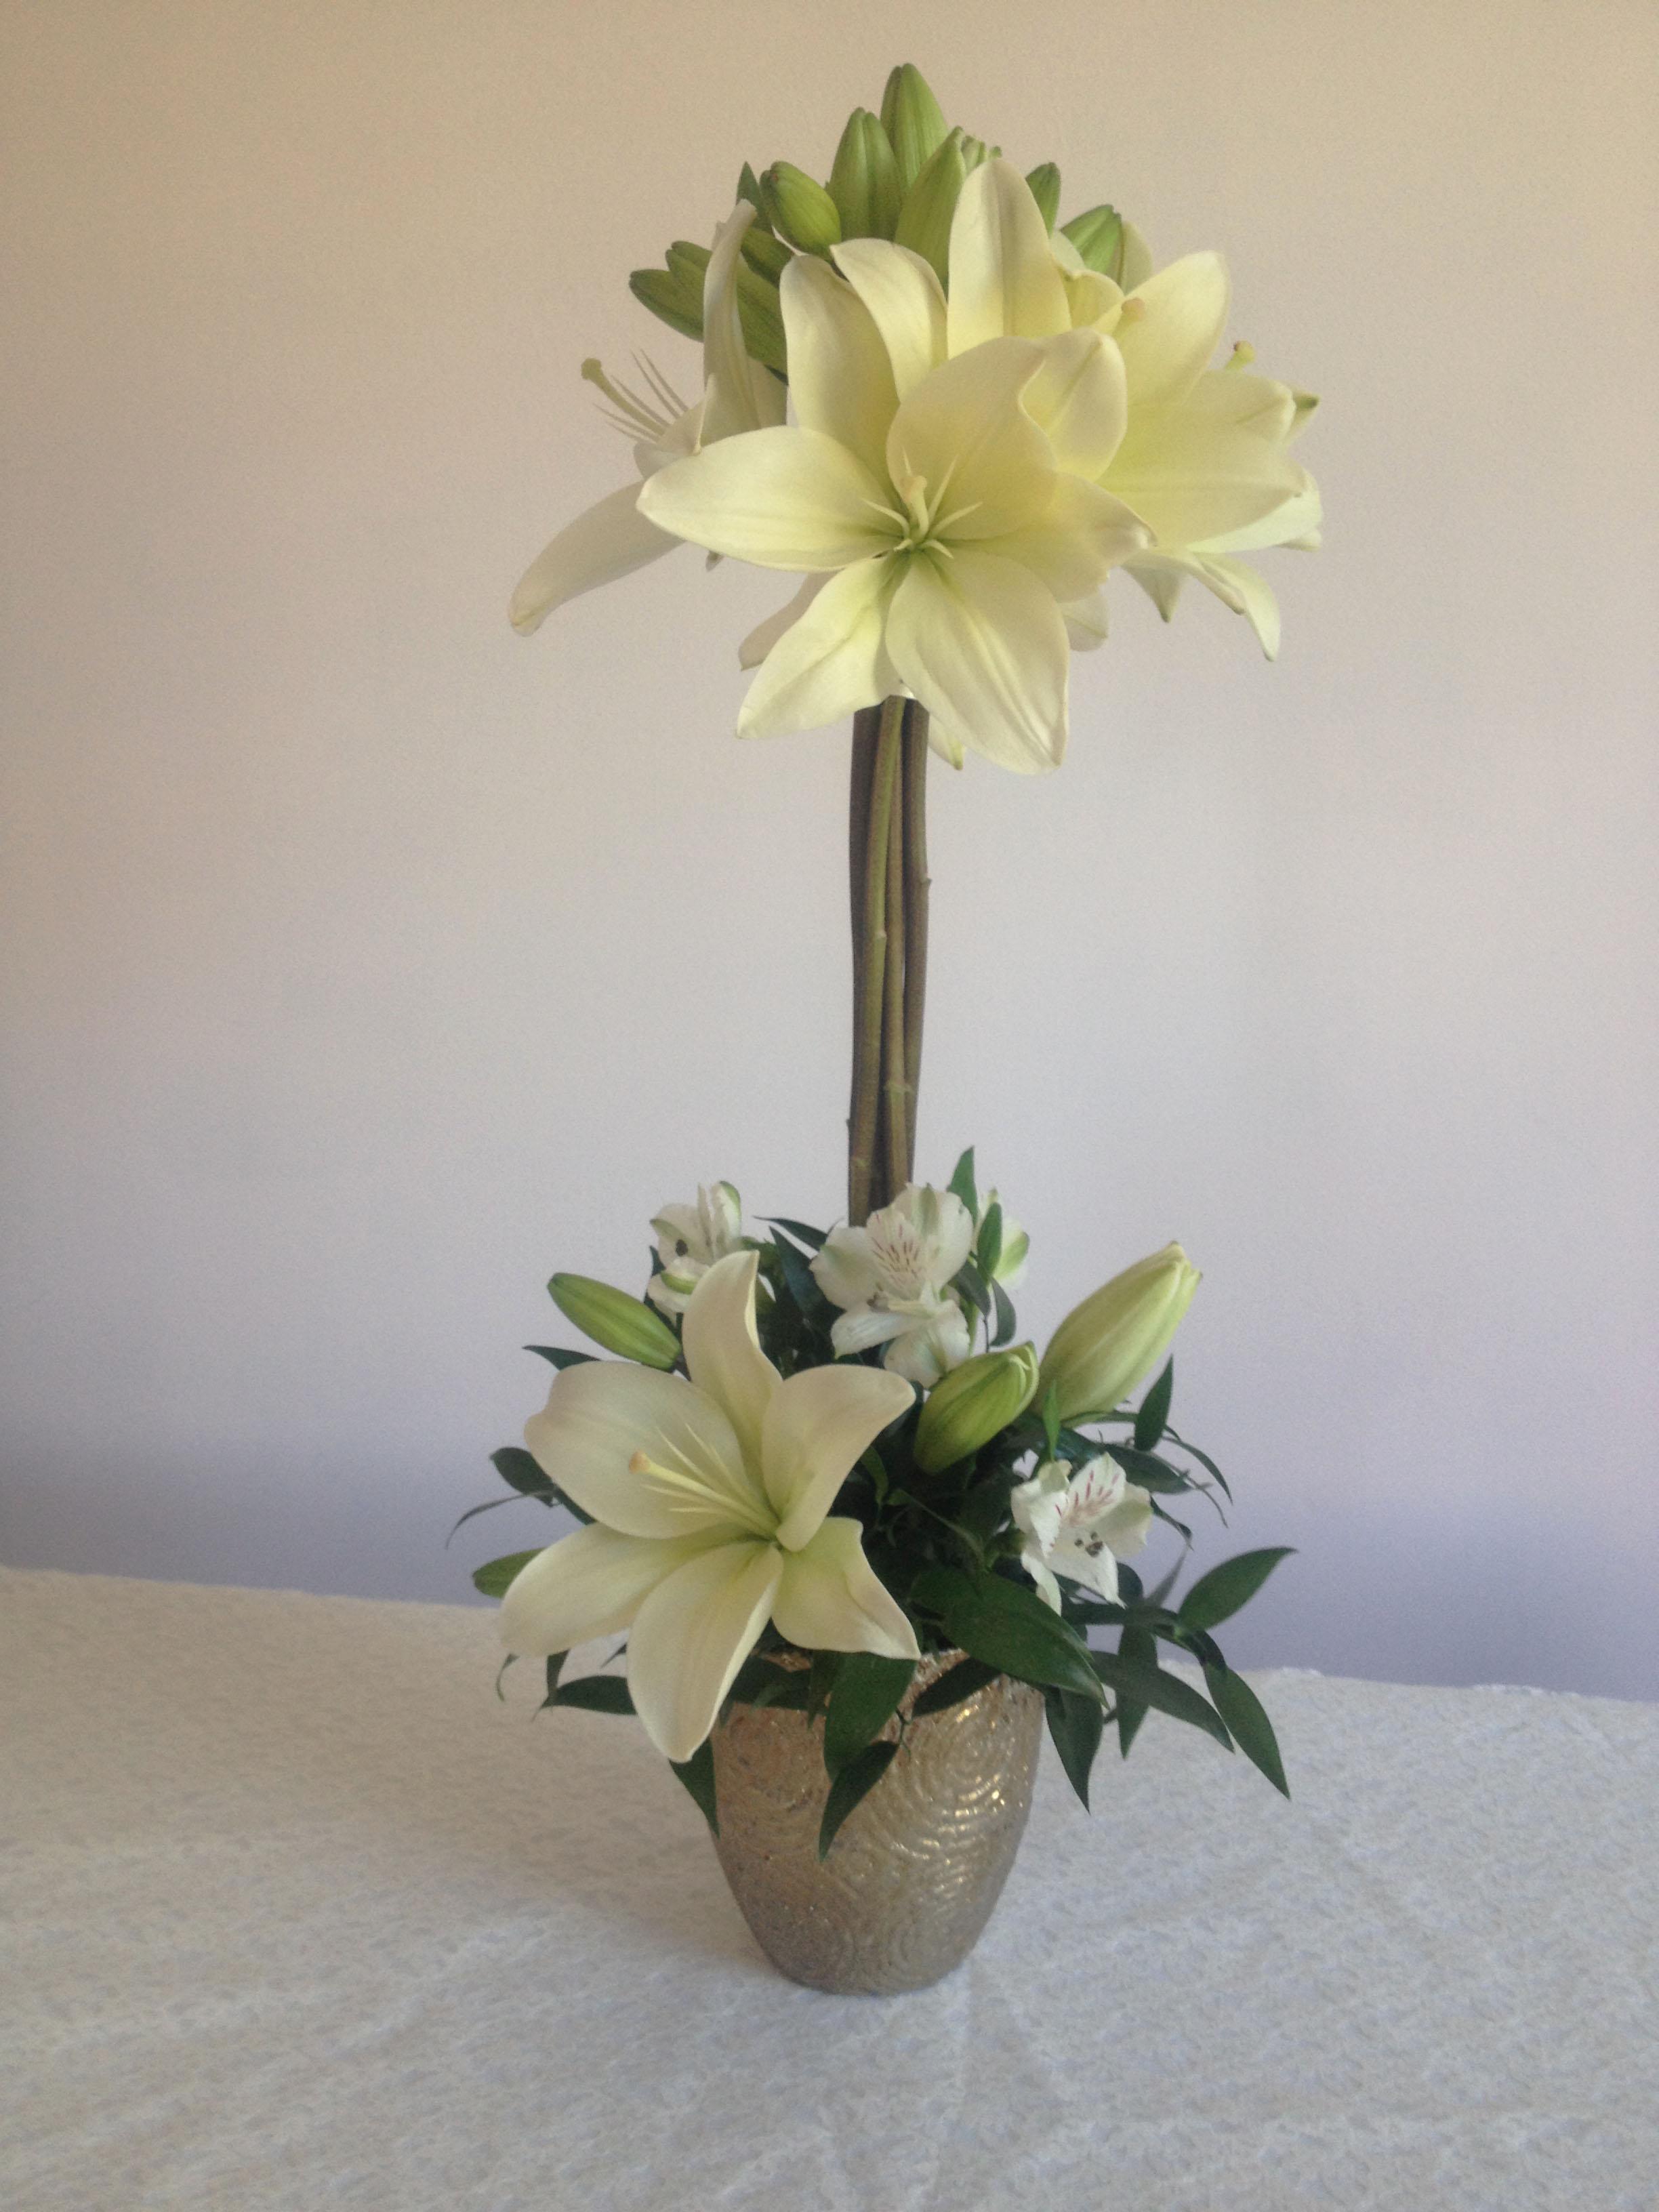 Evelisa Floral & Design's Unique Lily centerpiece